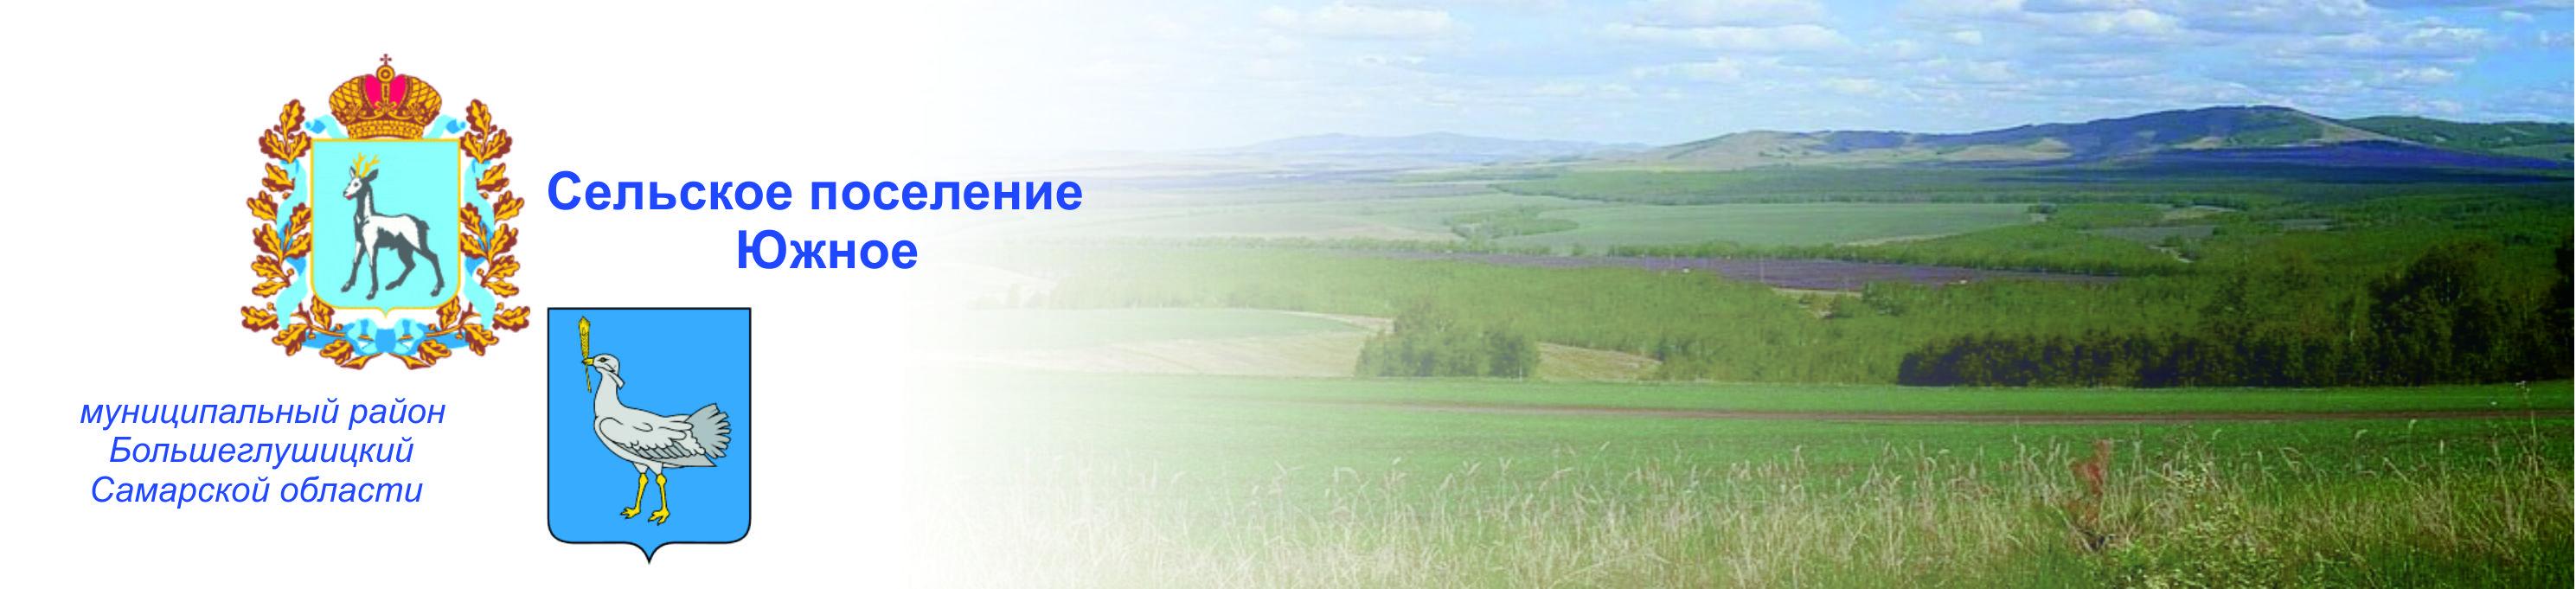 Сельское поселение Южное муниципального района Большеглушицкий Самарской области